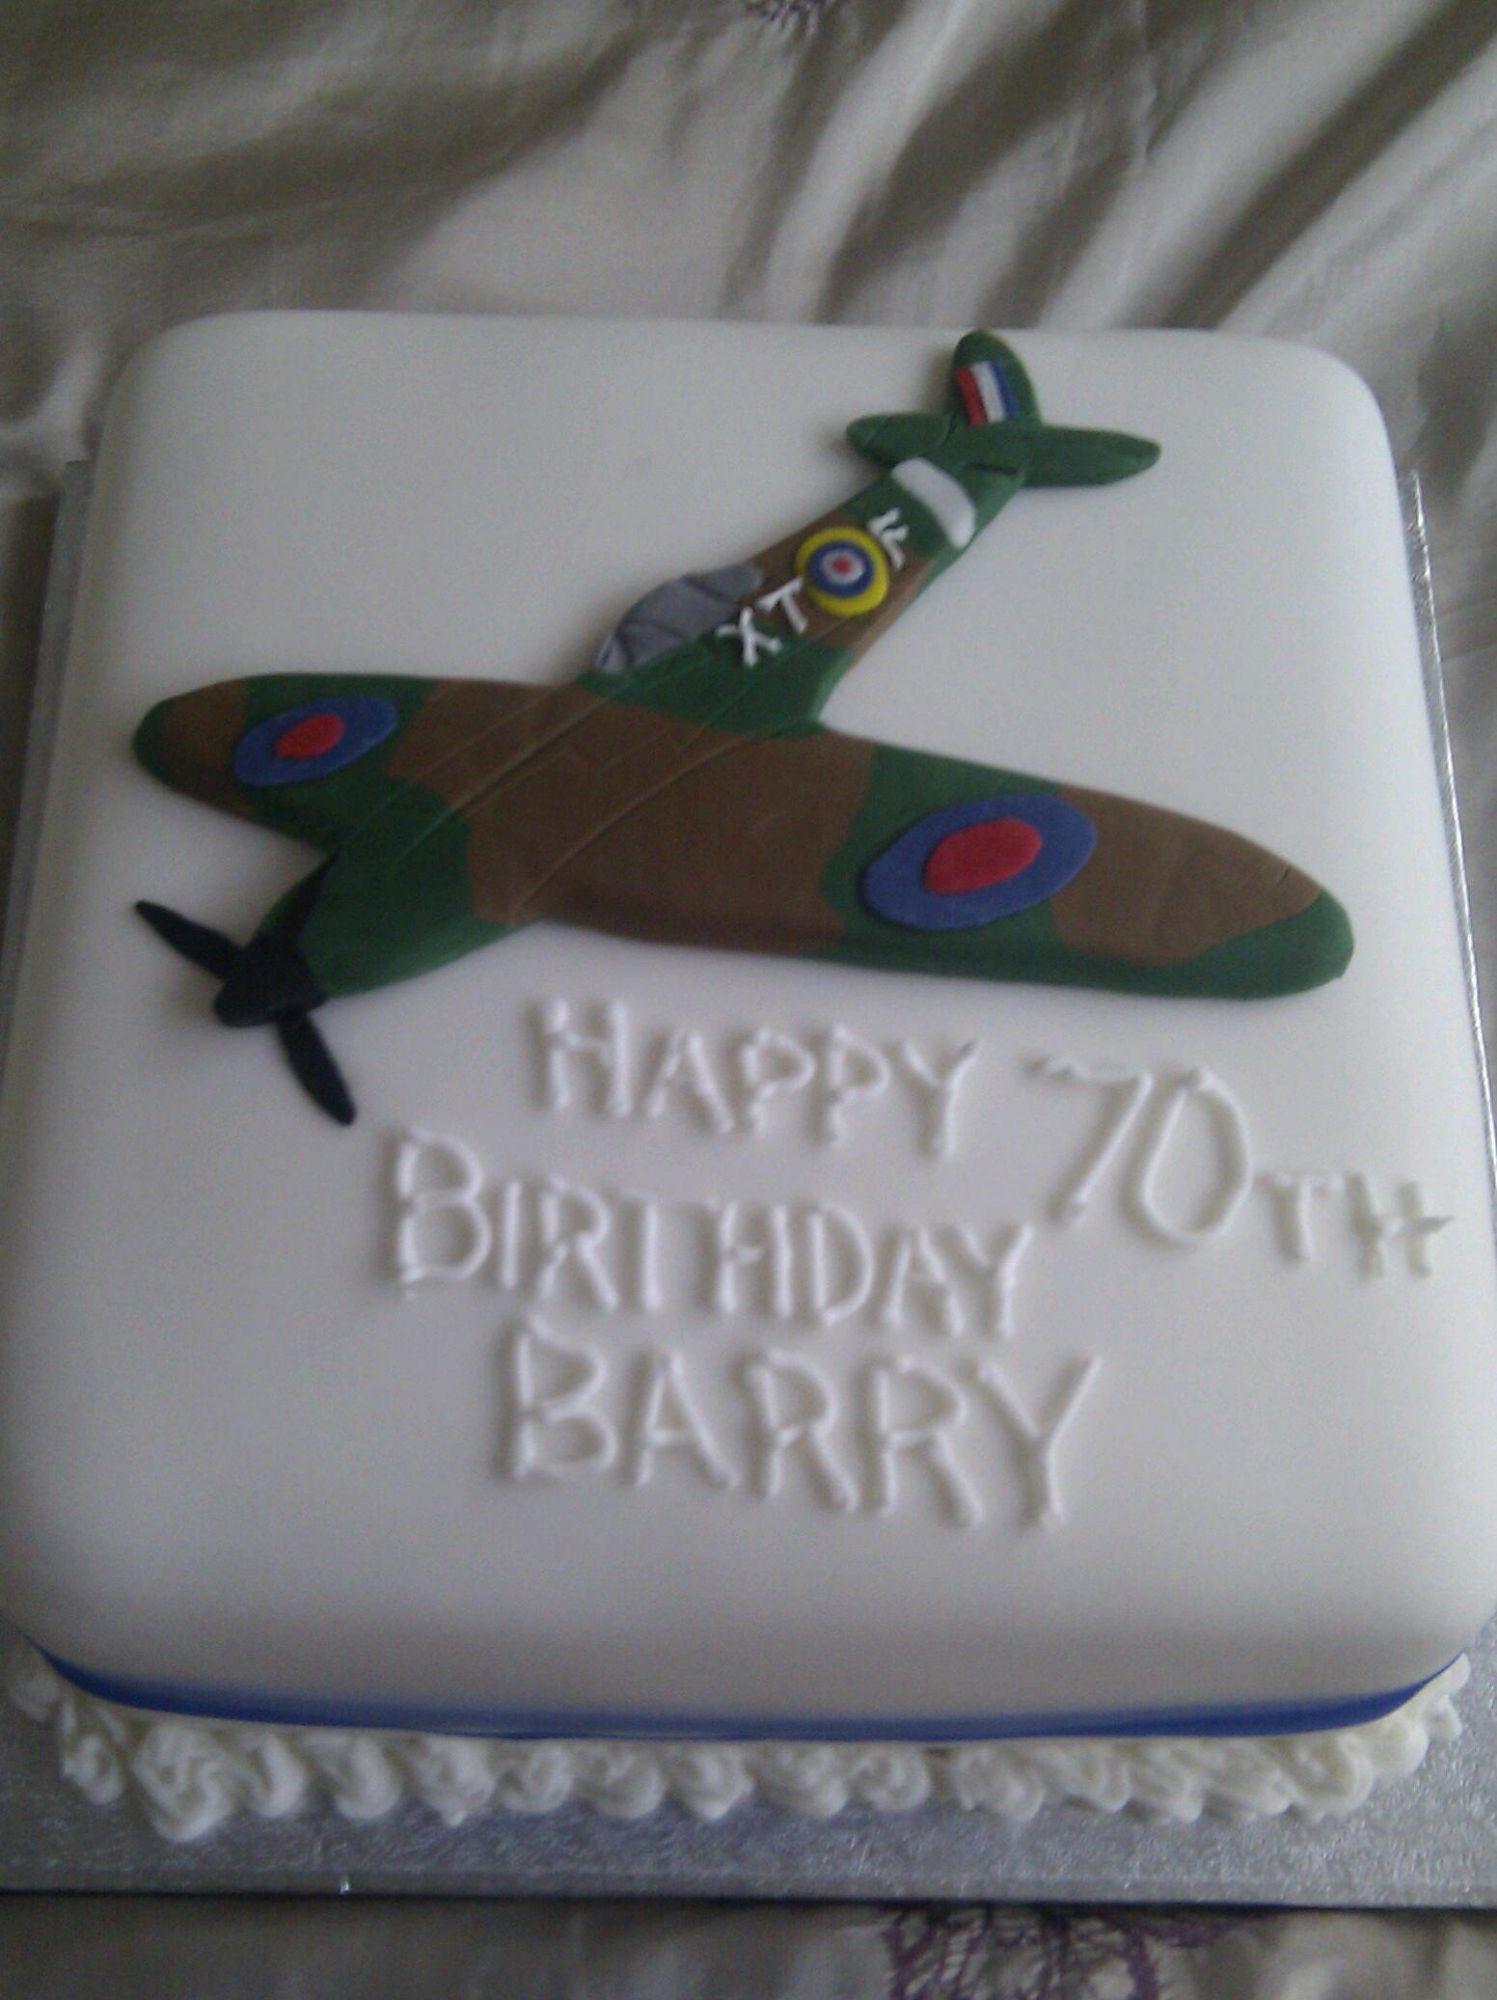 spitfire-birthday-cake